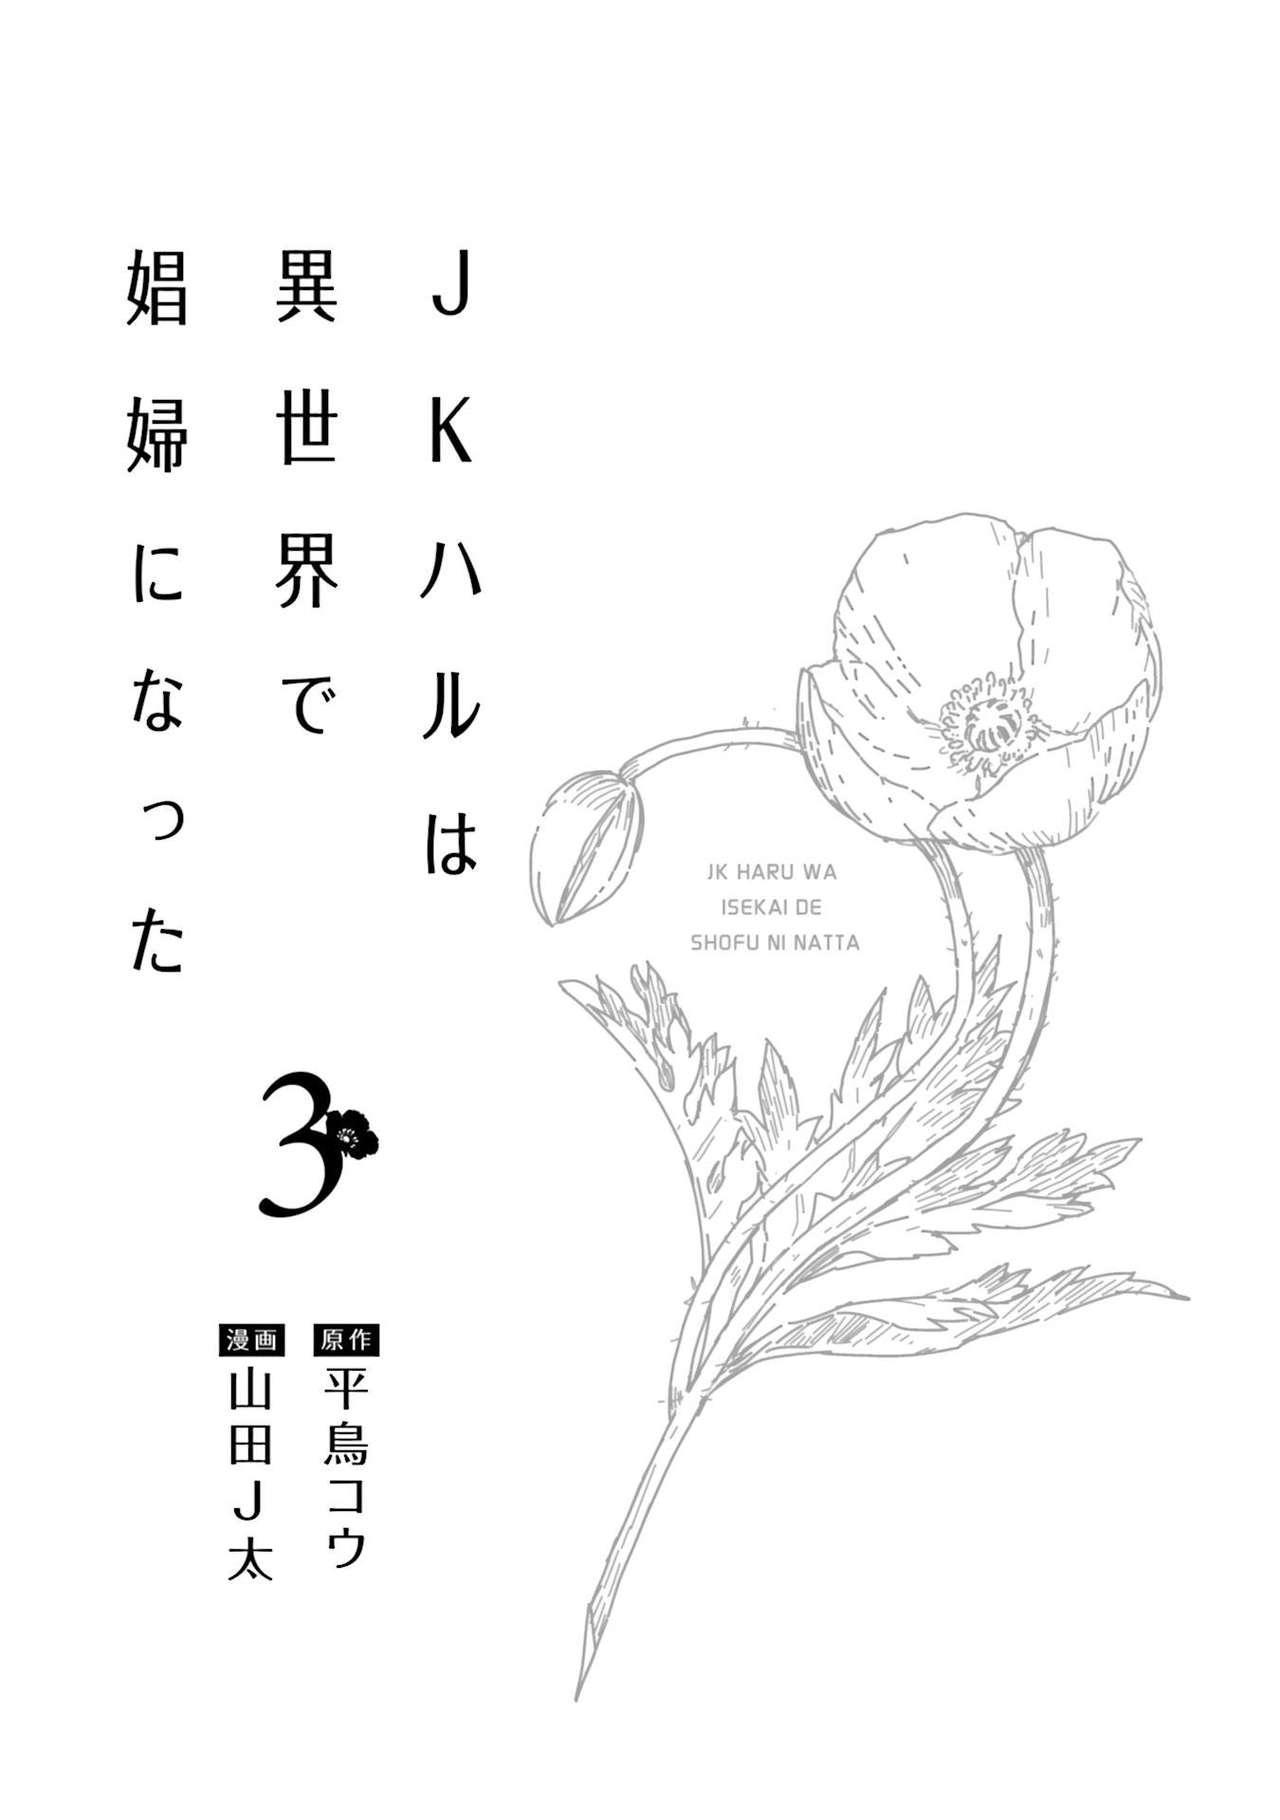 JK Haru wa Isekai de Shoufu ni Natta 1-14 360